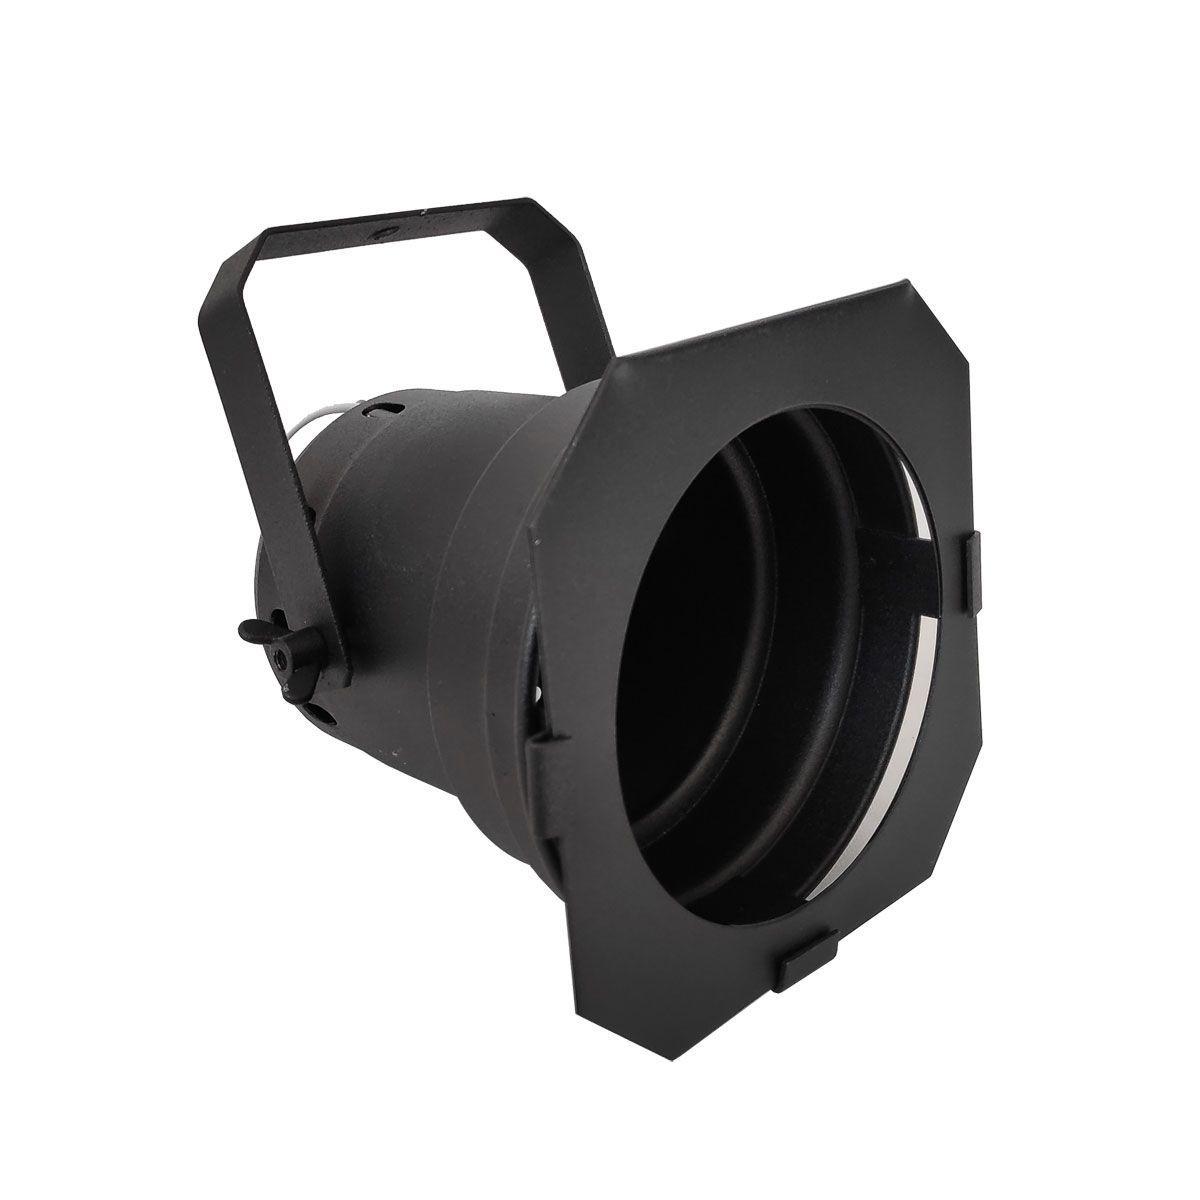 Spot Cênico Projetor Canhão Par30 Preto Com Haste E Porta Gelatina